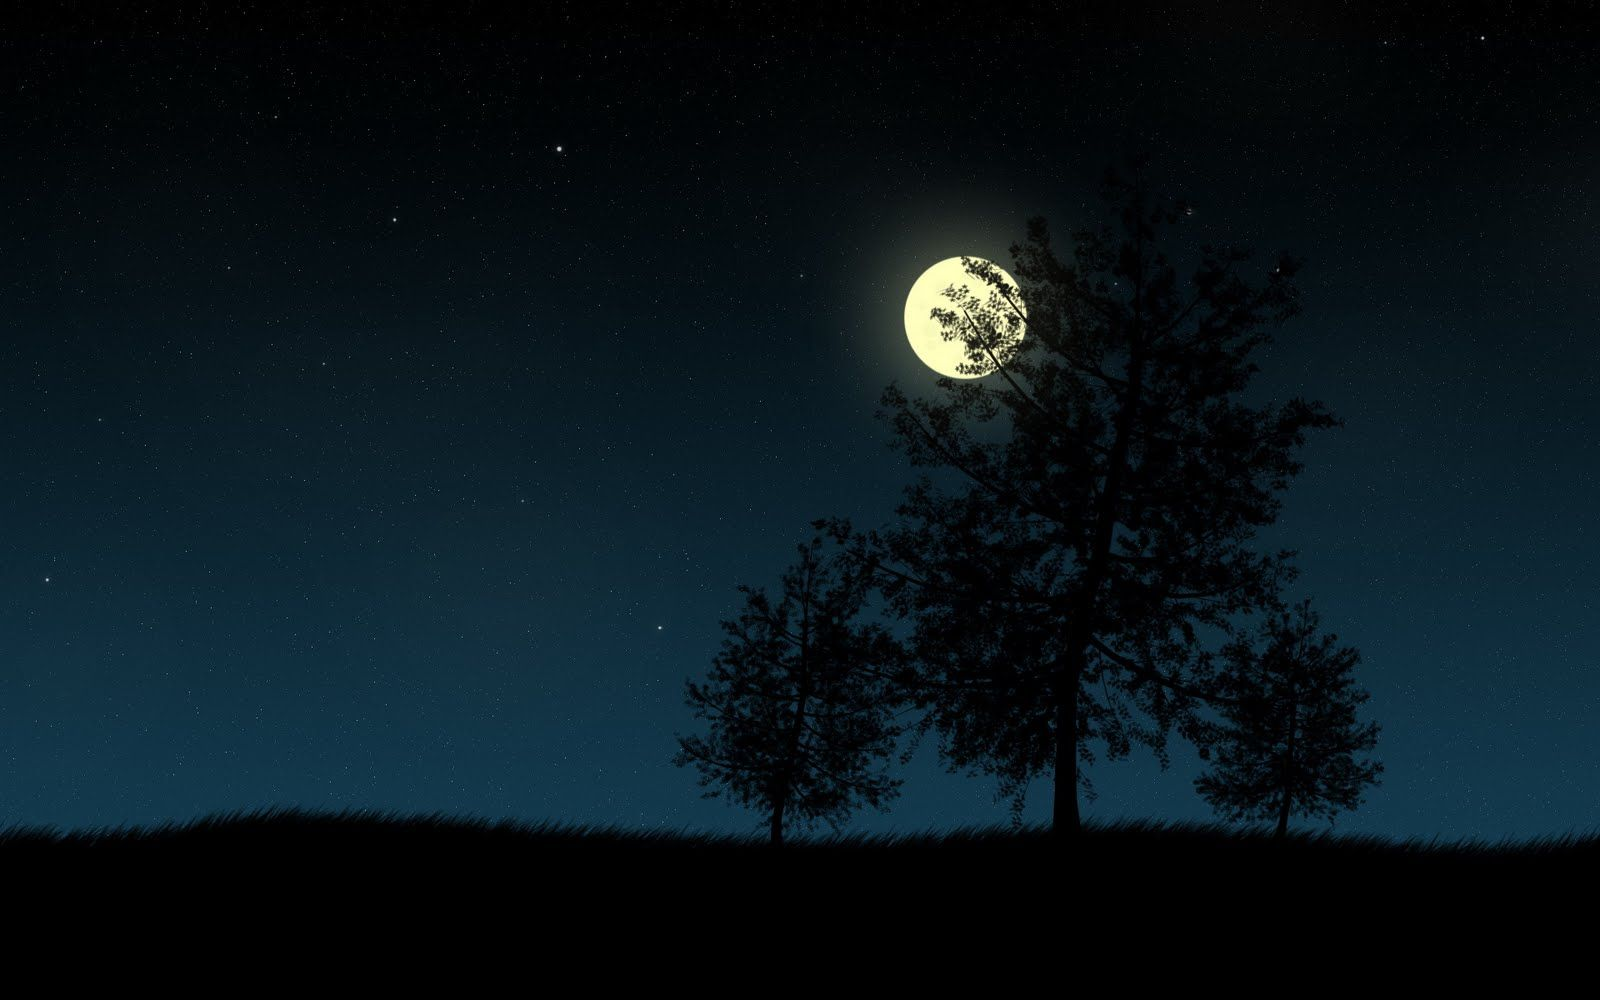 Dark Moon Wallpapers Top Free Dark Moon Backgrounds